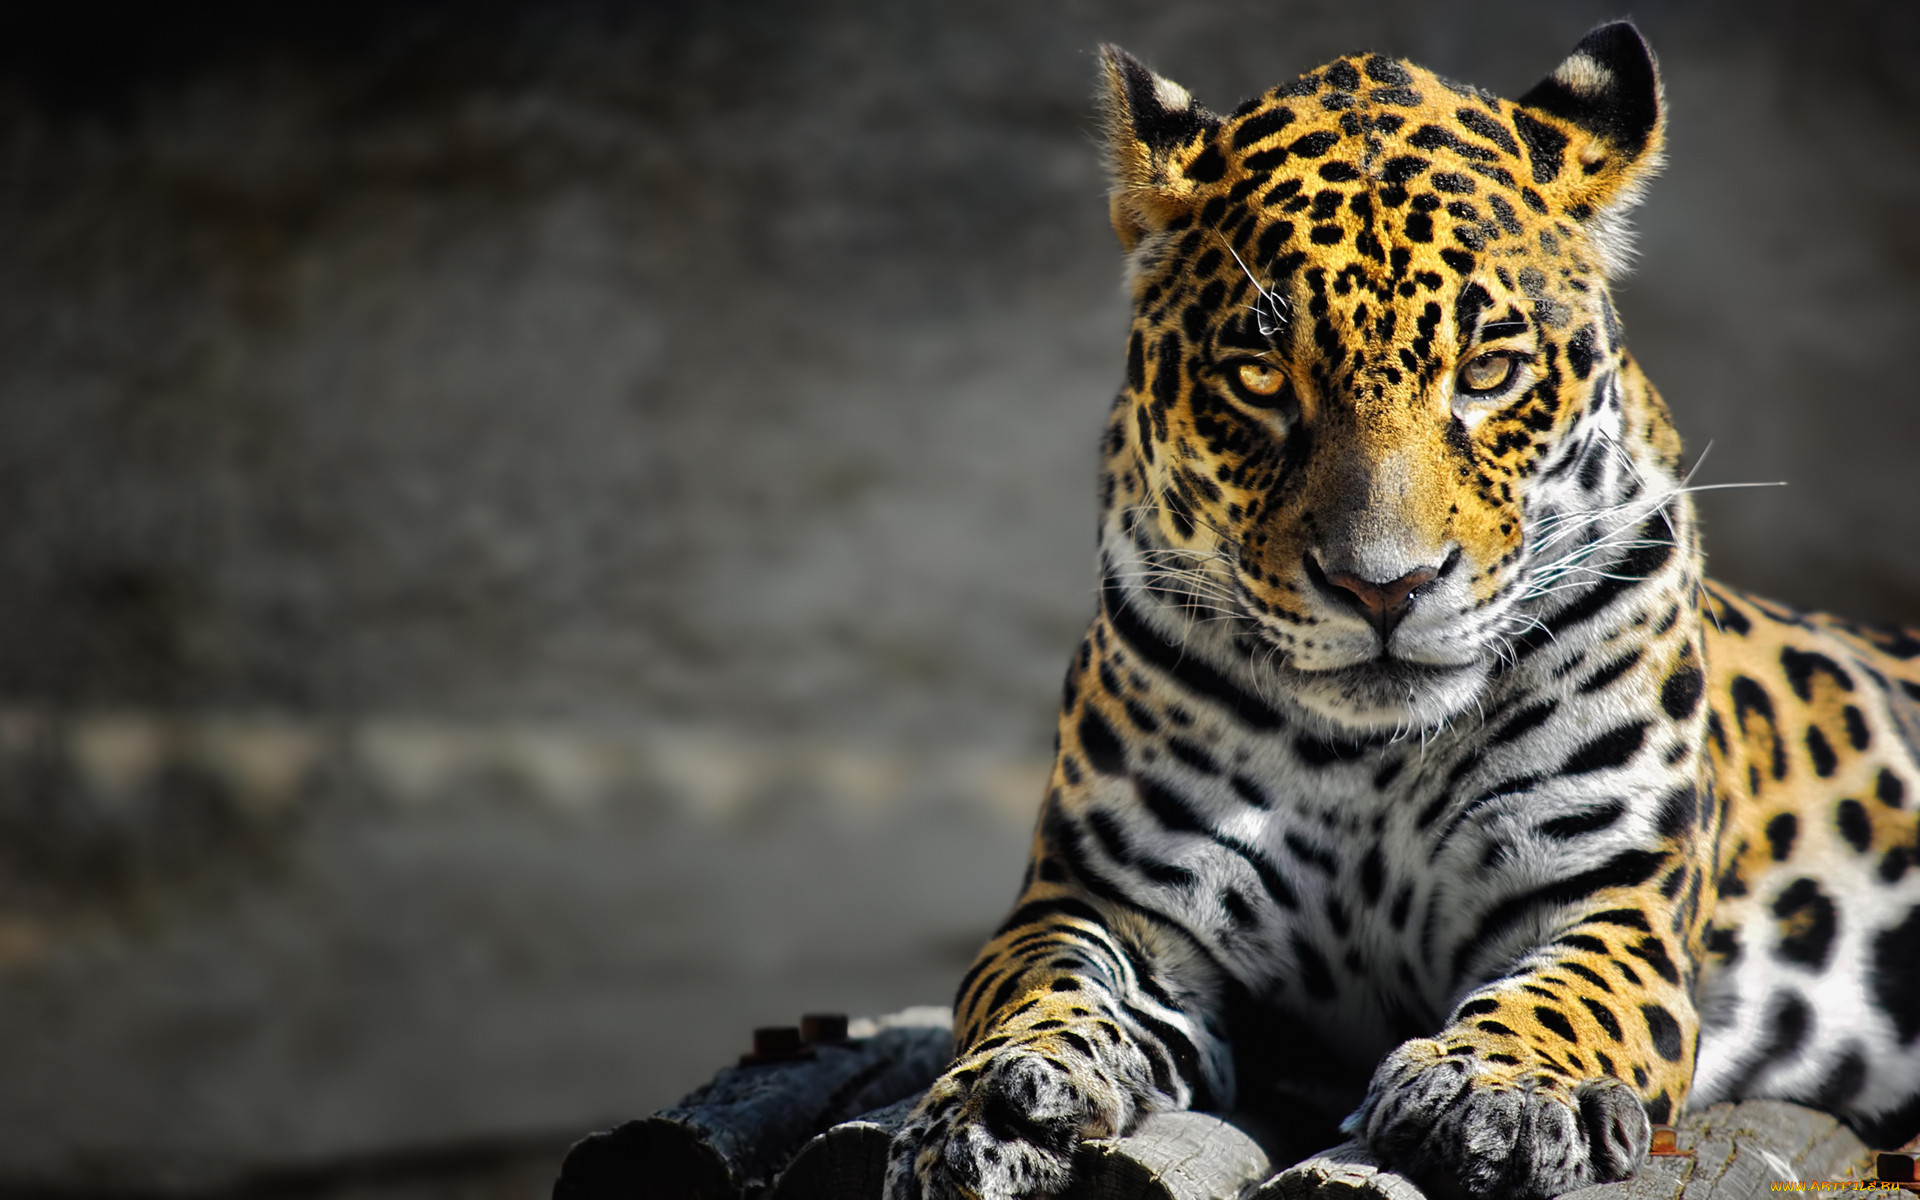 первый самое крутое животное фото подходящее плоское